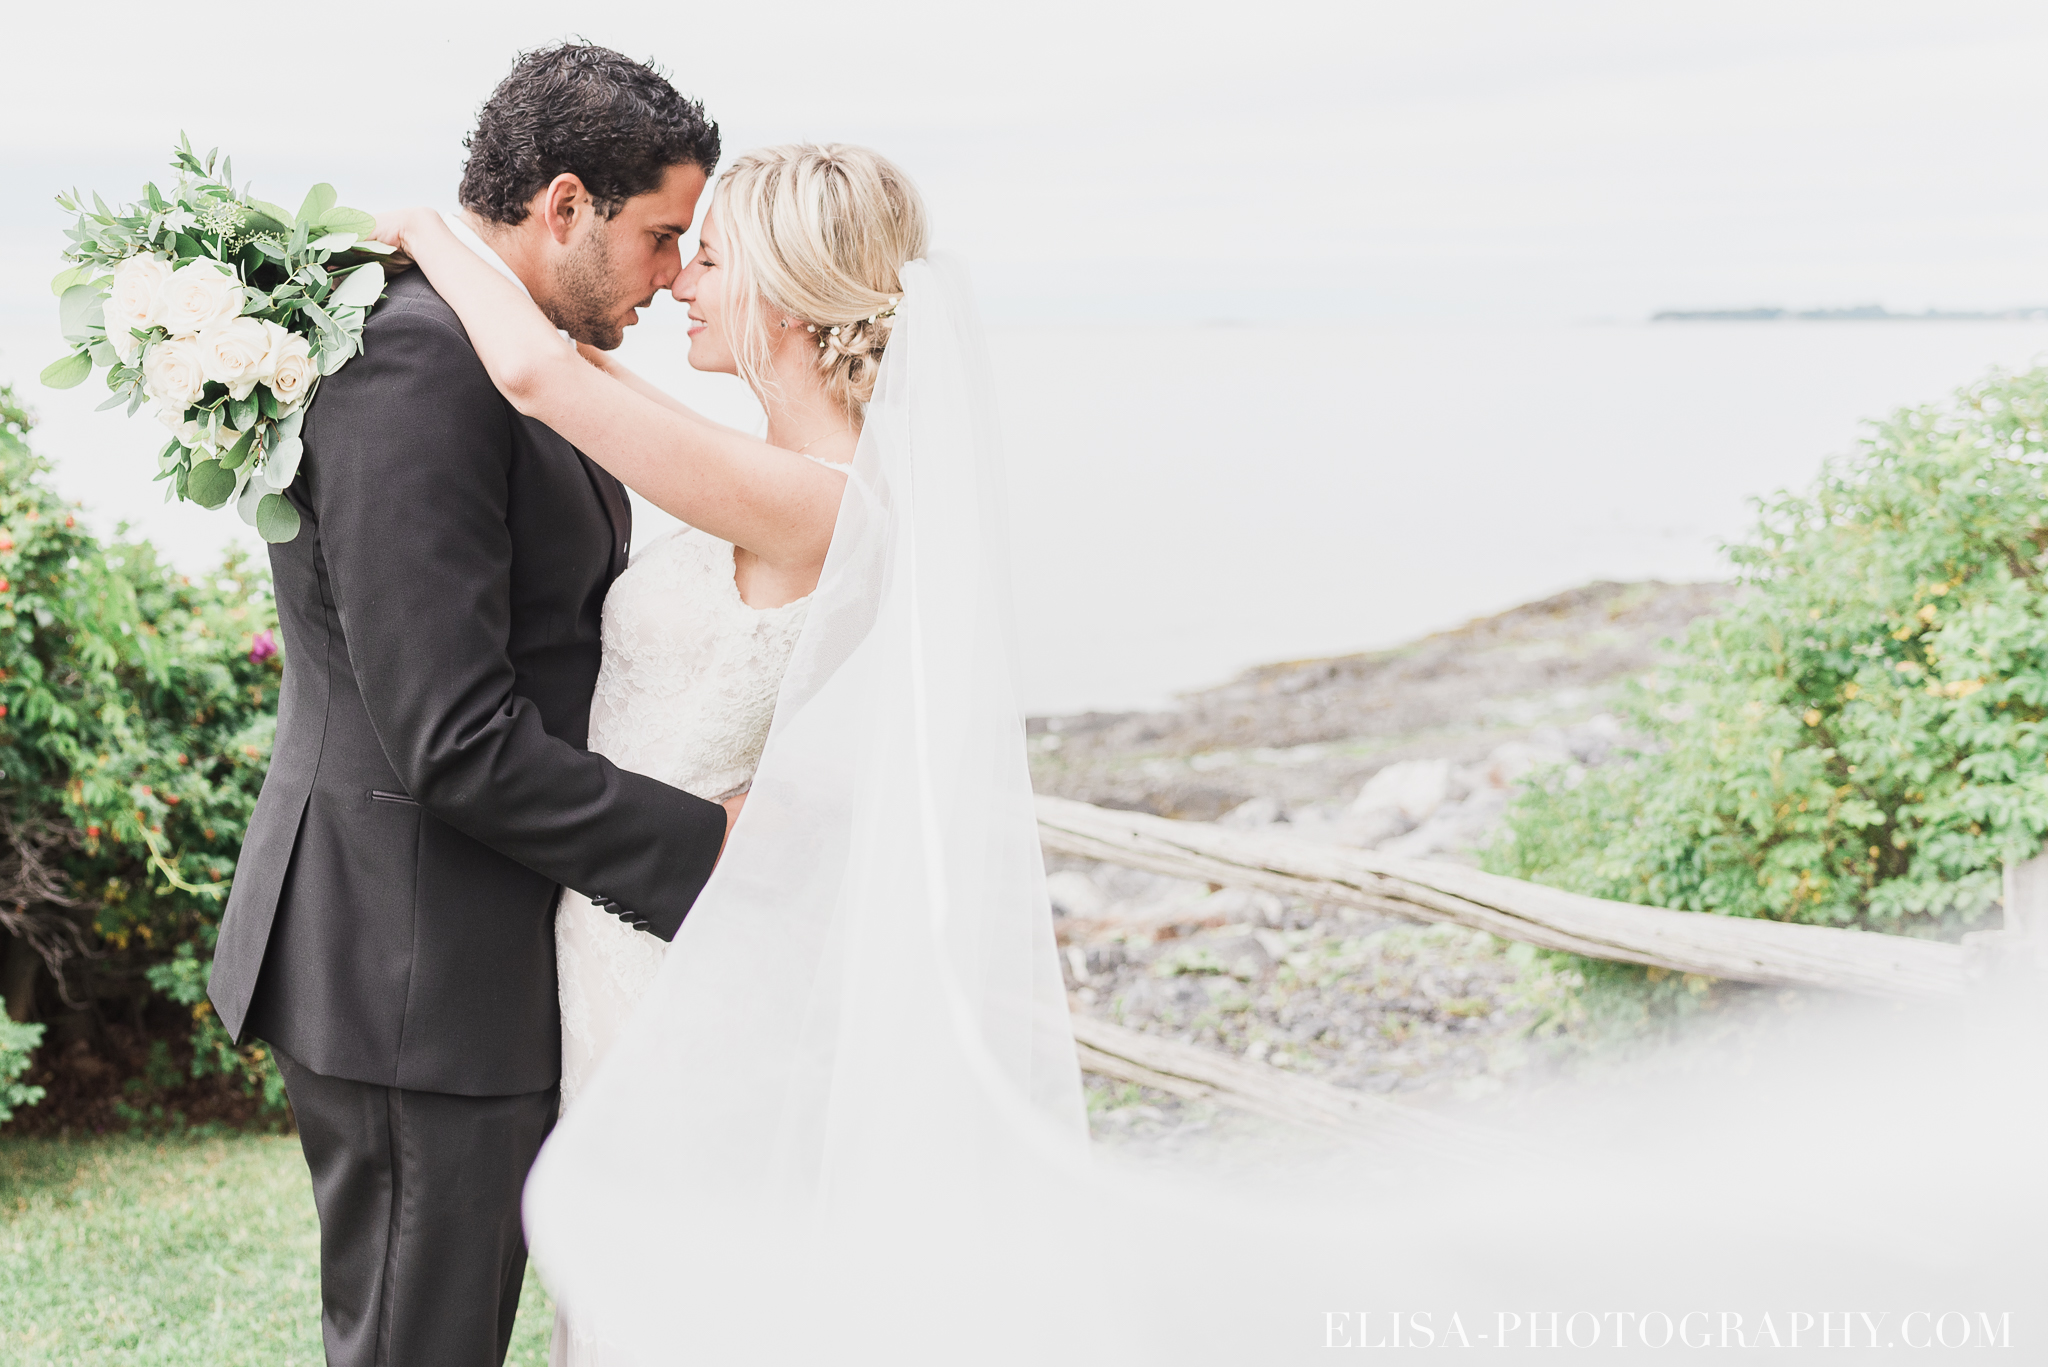 photo mariage nature rocher plage quebec bas saint laurent portrait couple domaine prive estate bord de l eau 4364 - Mariage sur un domaine privé au bord de l'eau: Emmanuelle & Marc-Antoine